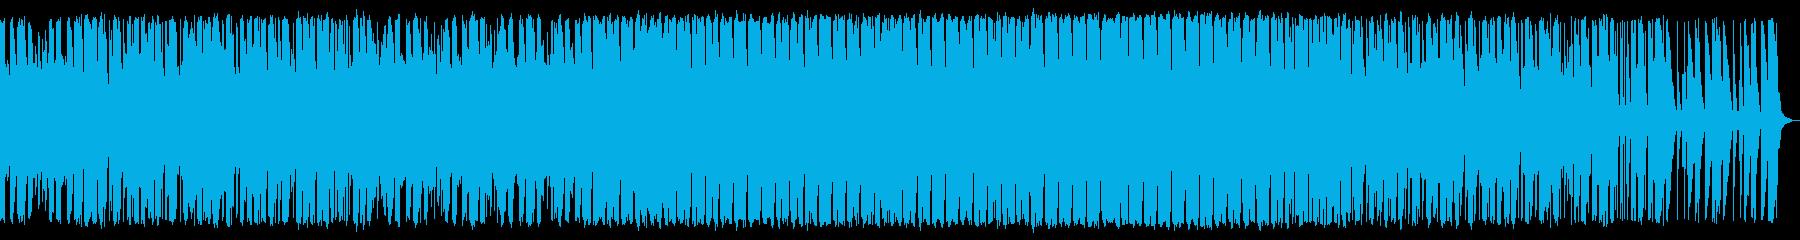 陽気な感じの南国ビートの再生済みの波形